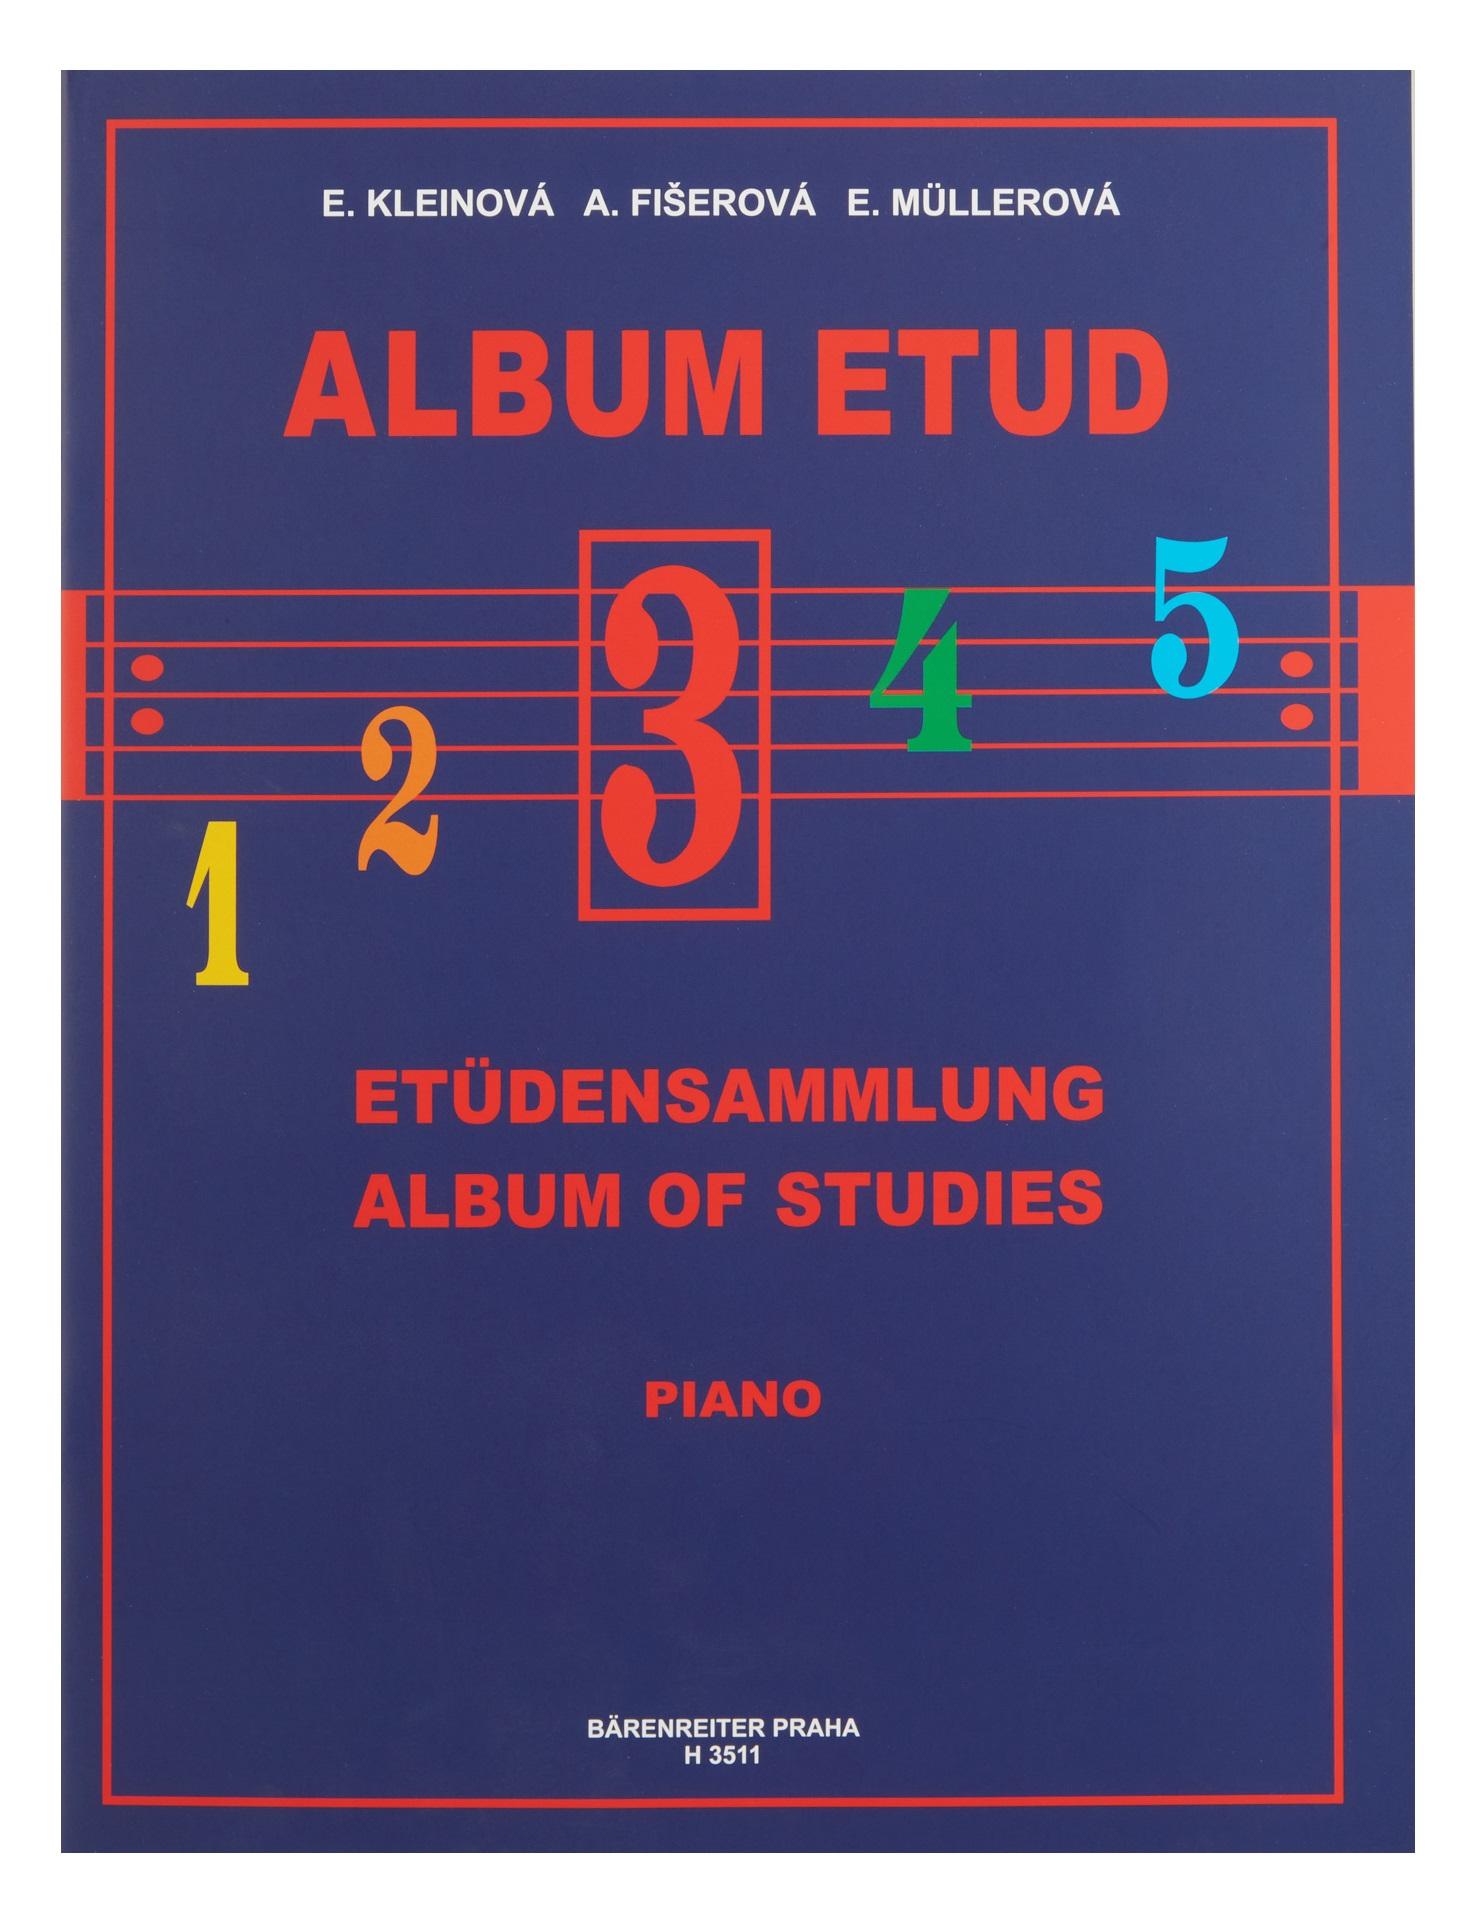 KN Album etud III